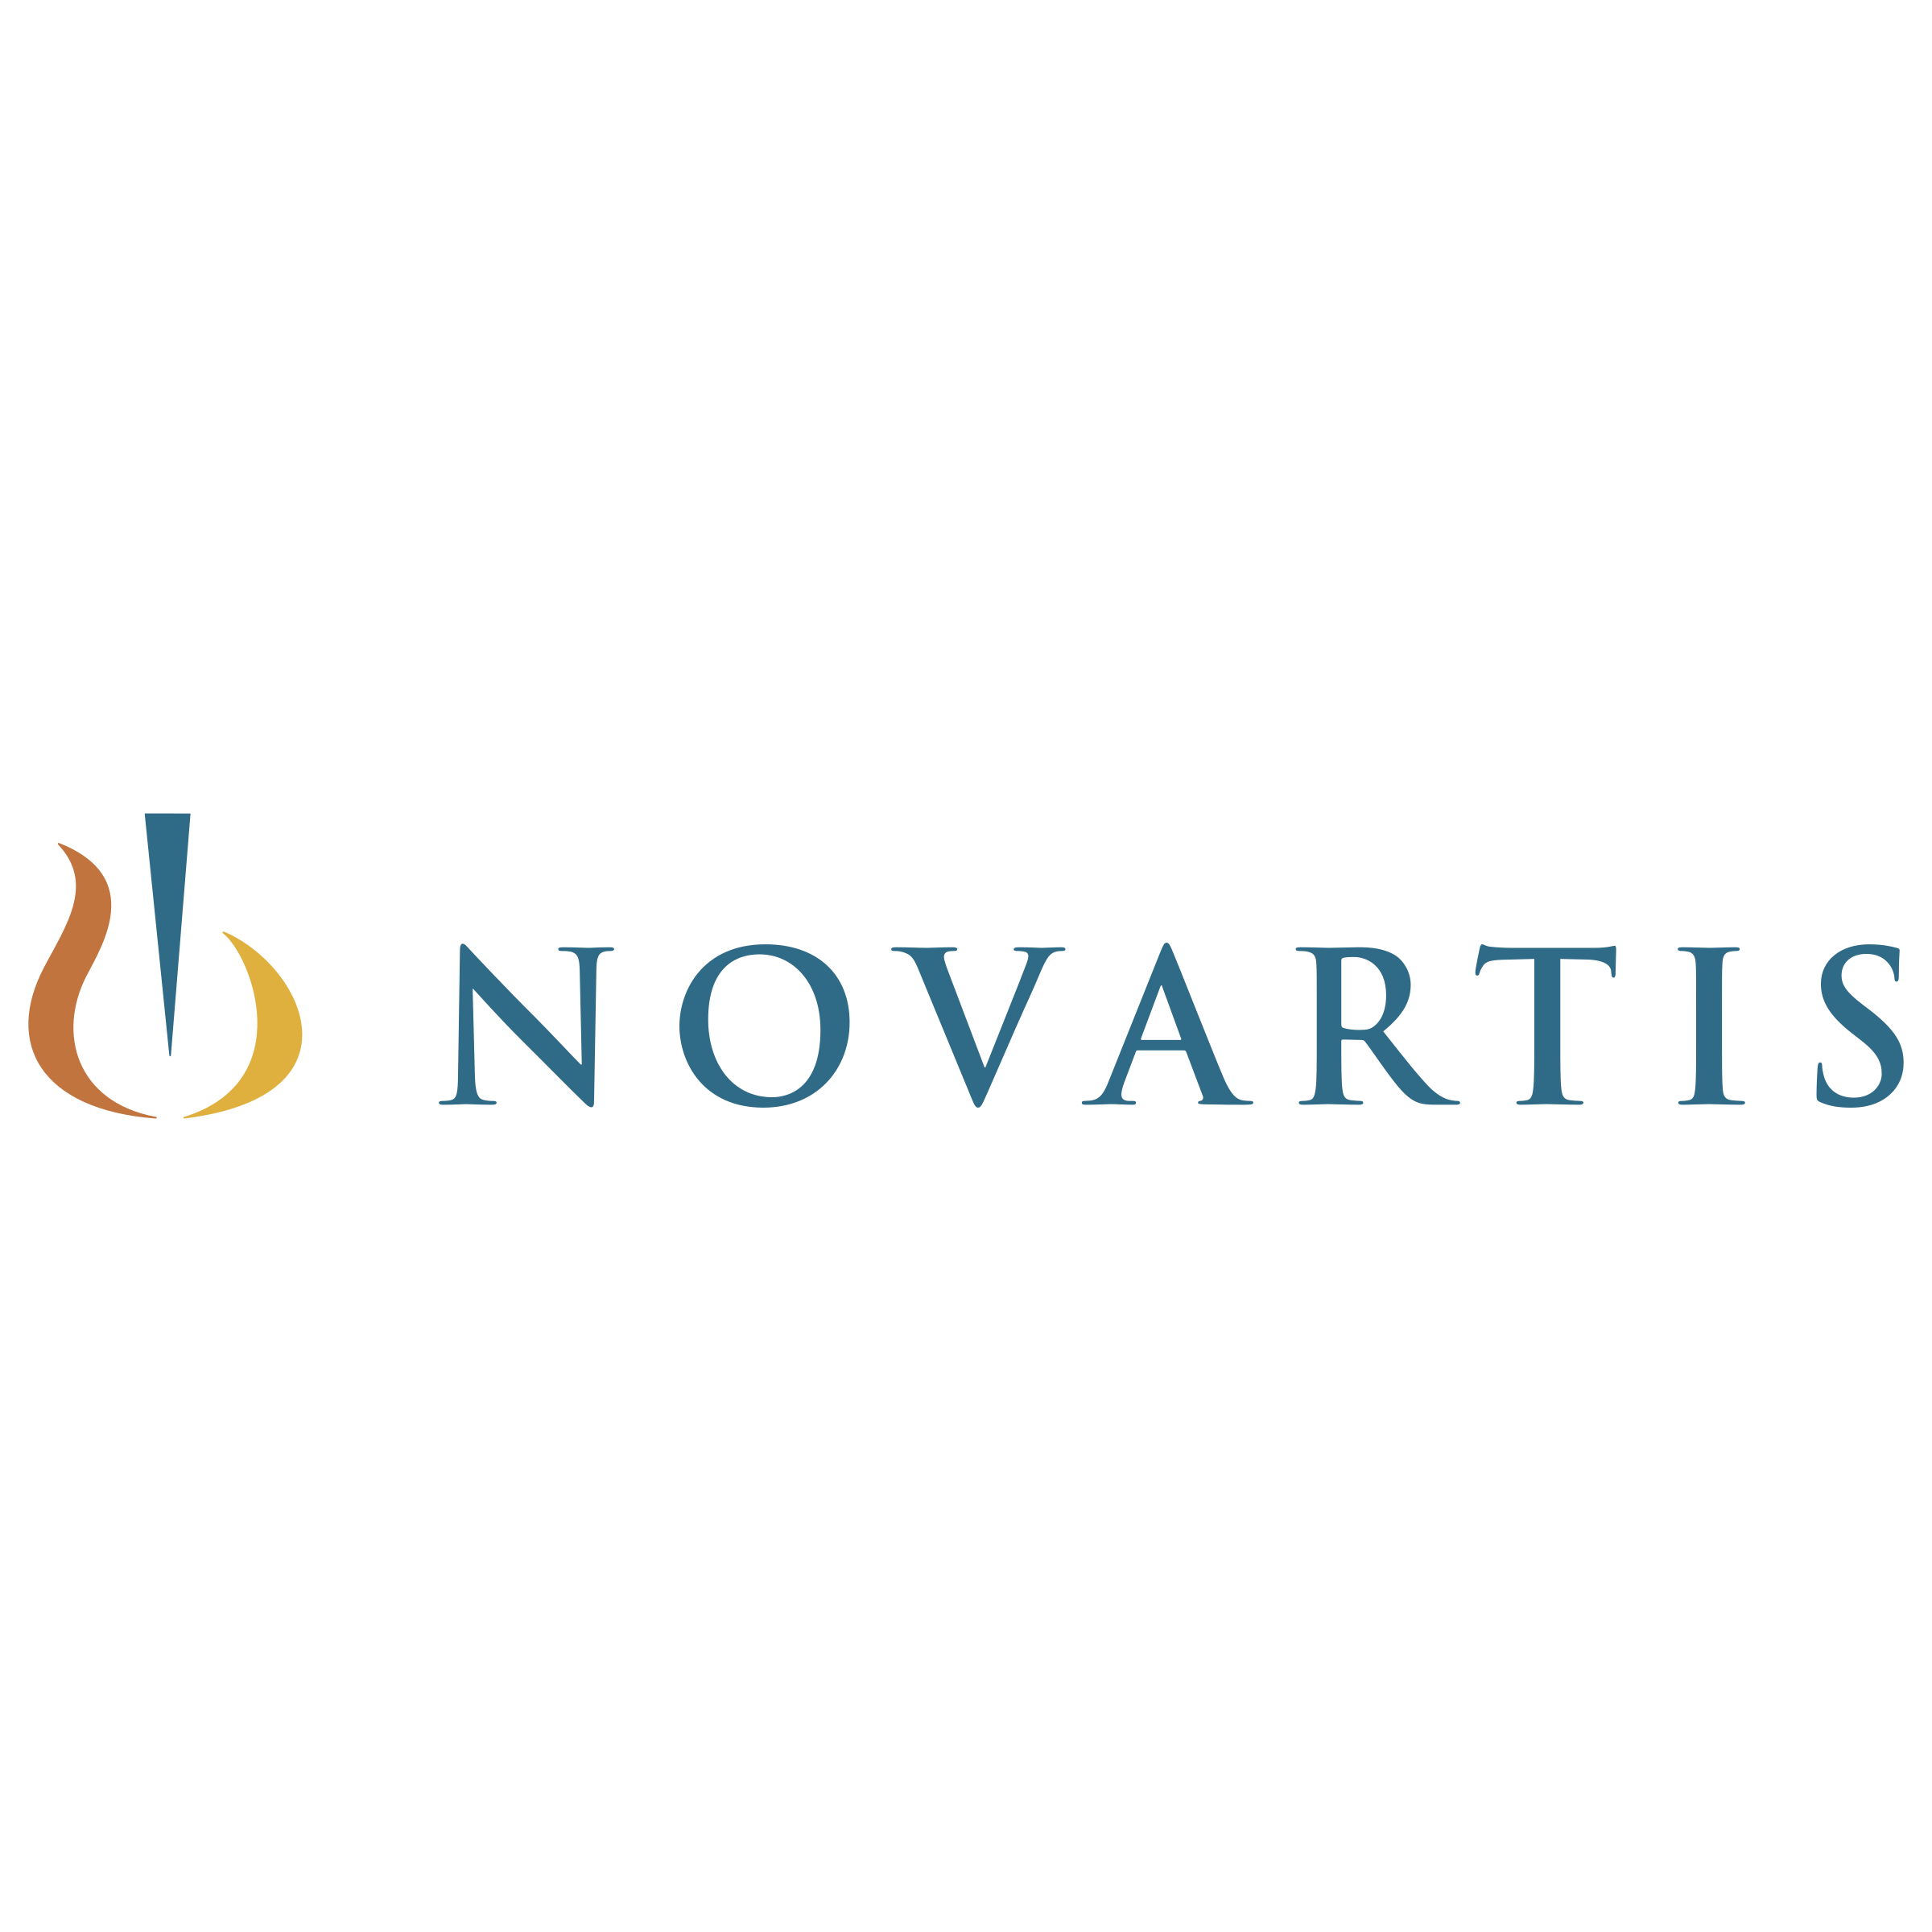 Novartis Logo PNG Transparent & SVG Vector.